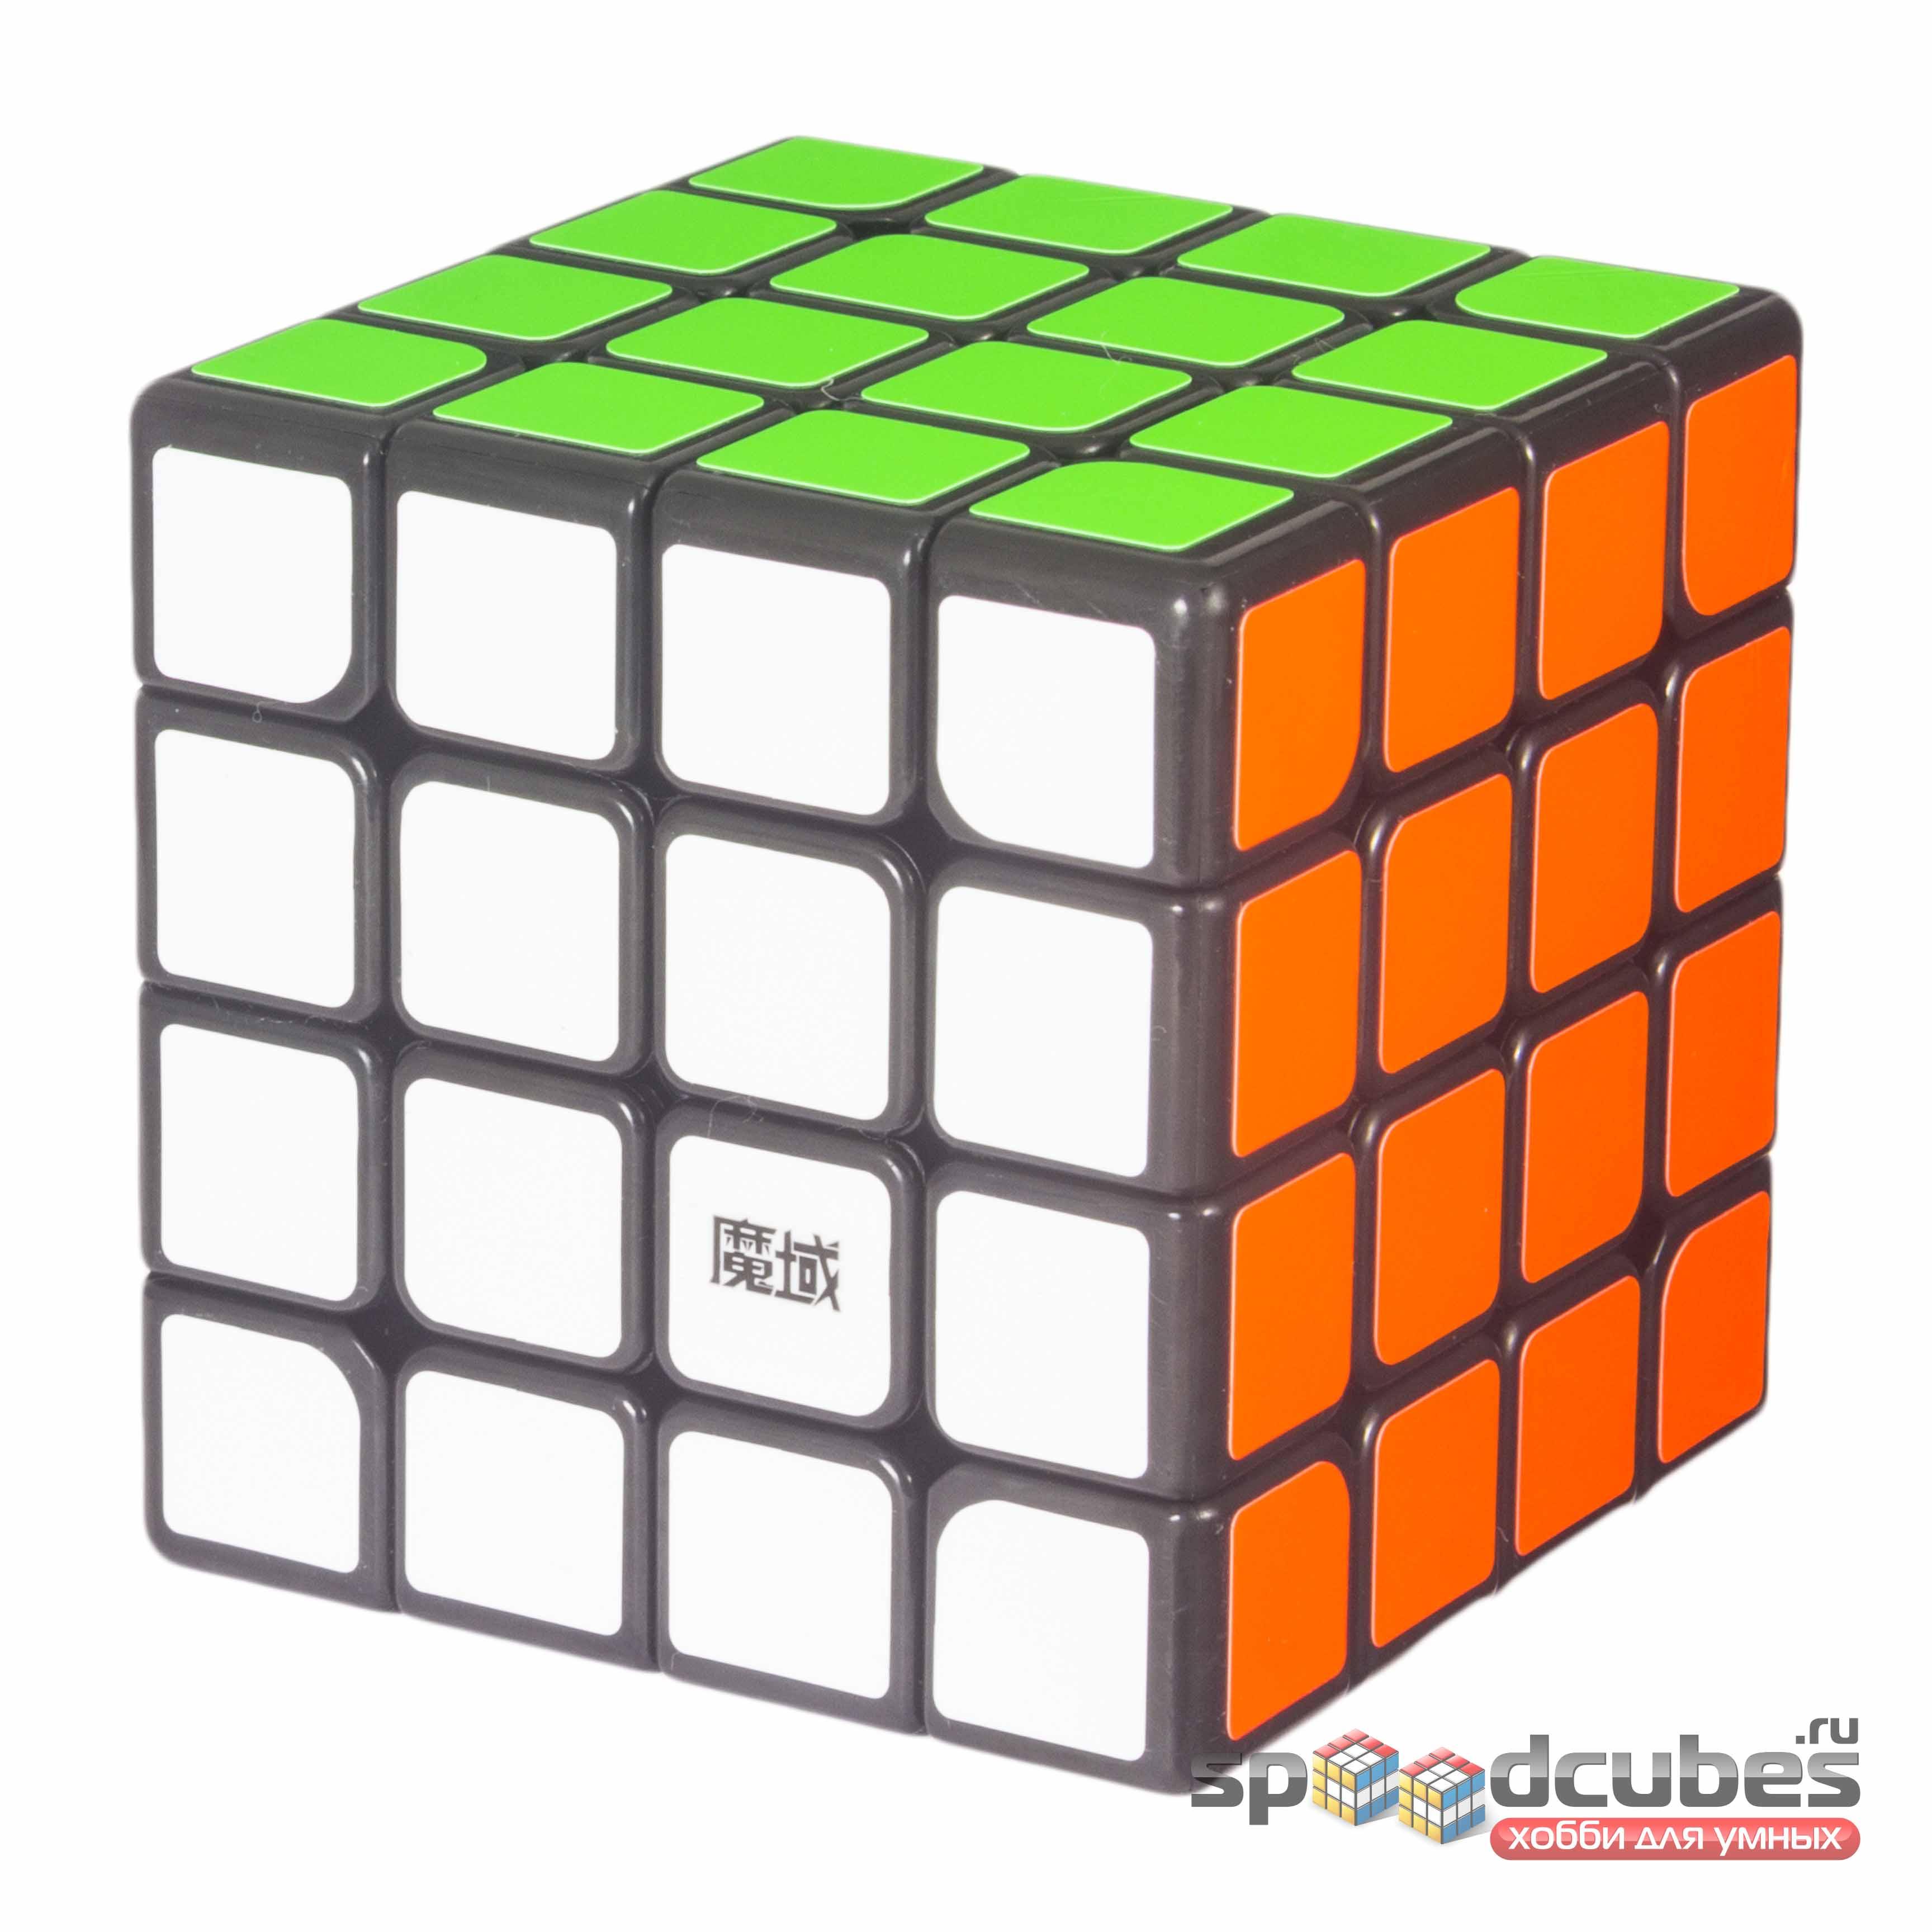 MoYu 4x4x4 Aosu GTS2 M Black 2